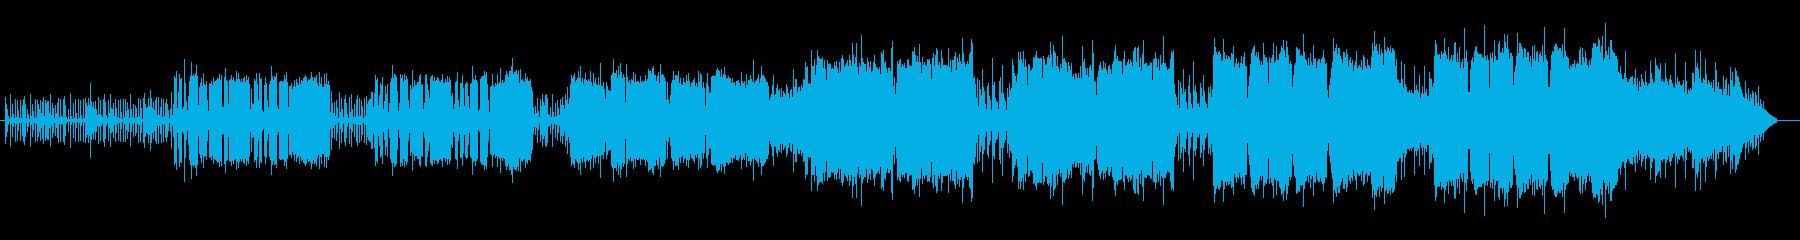 軽快なリラクゼーションミュージックの再生済みの波形